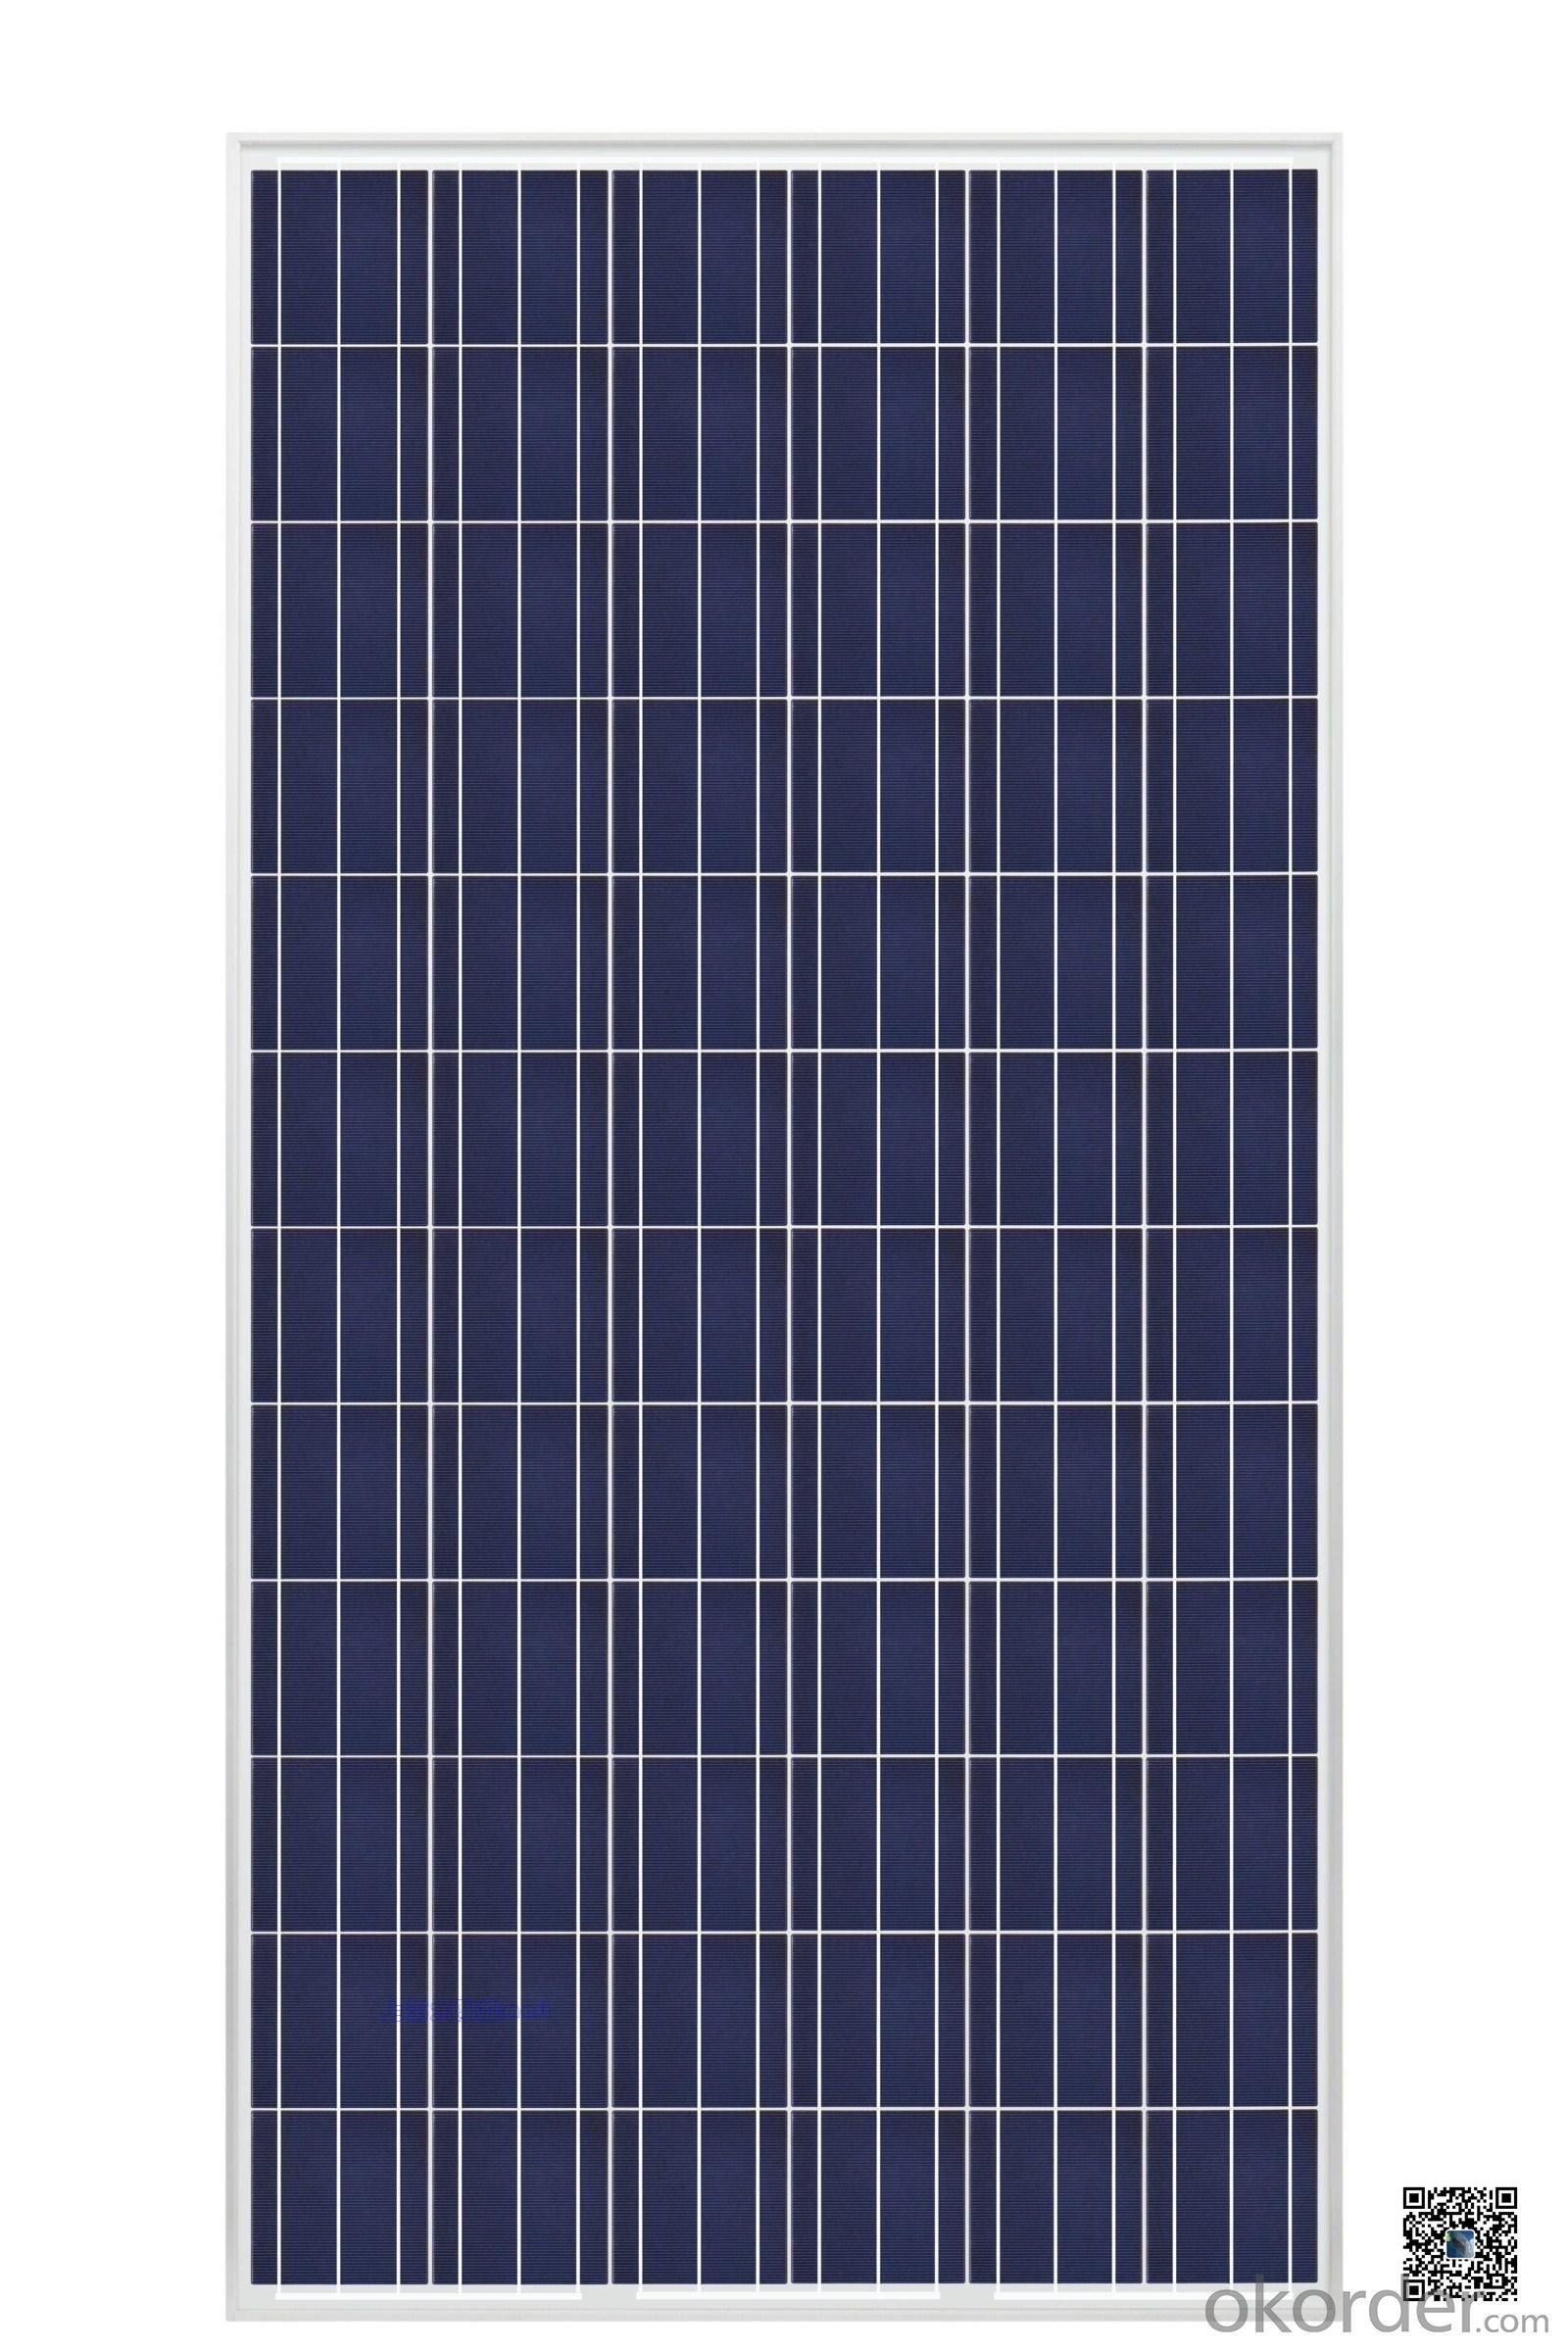 SOLAR PANELS FOR 250W FULL CERTIFICATE ,SOLAR MODULES FOR 250W